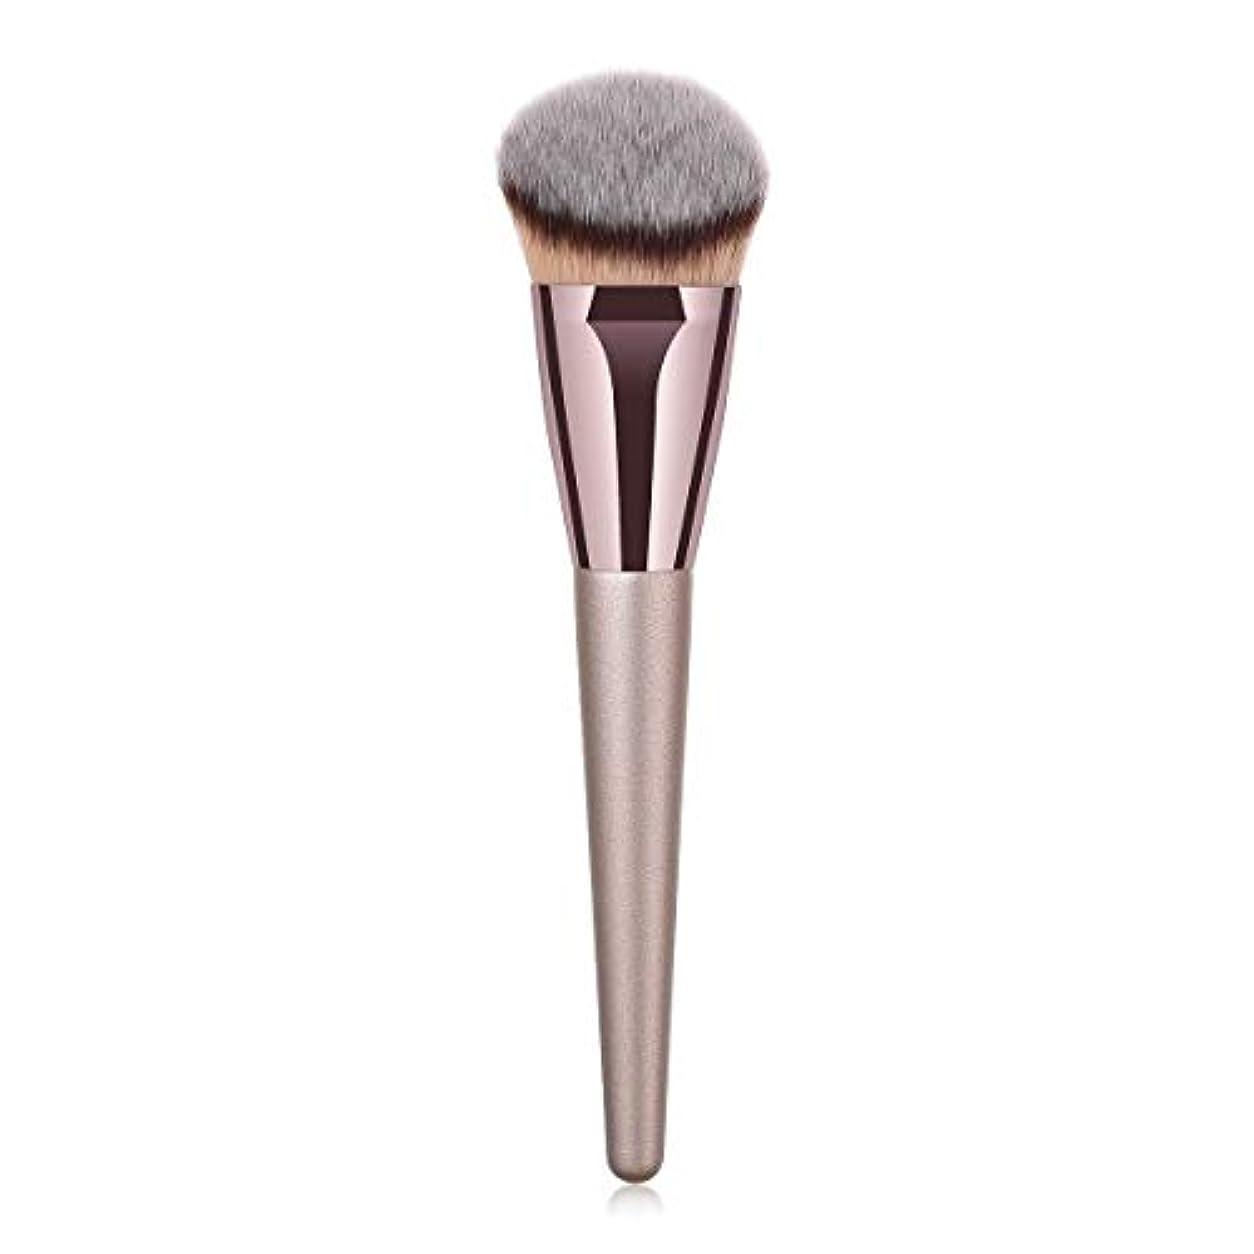 保有者価値謙虚なMakeup brushes 持ち運びに便利、歌舞伎化粧ブラシ用パウダーブラッシュパウダーフルイド化粧品美容ツールCanonicalシングルブラシ suits (Color : Gray)